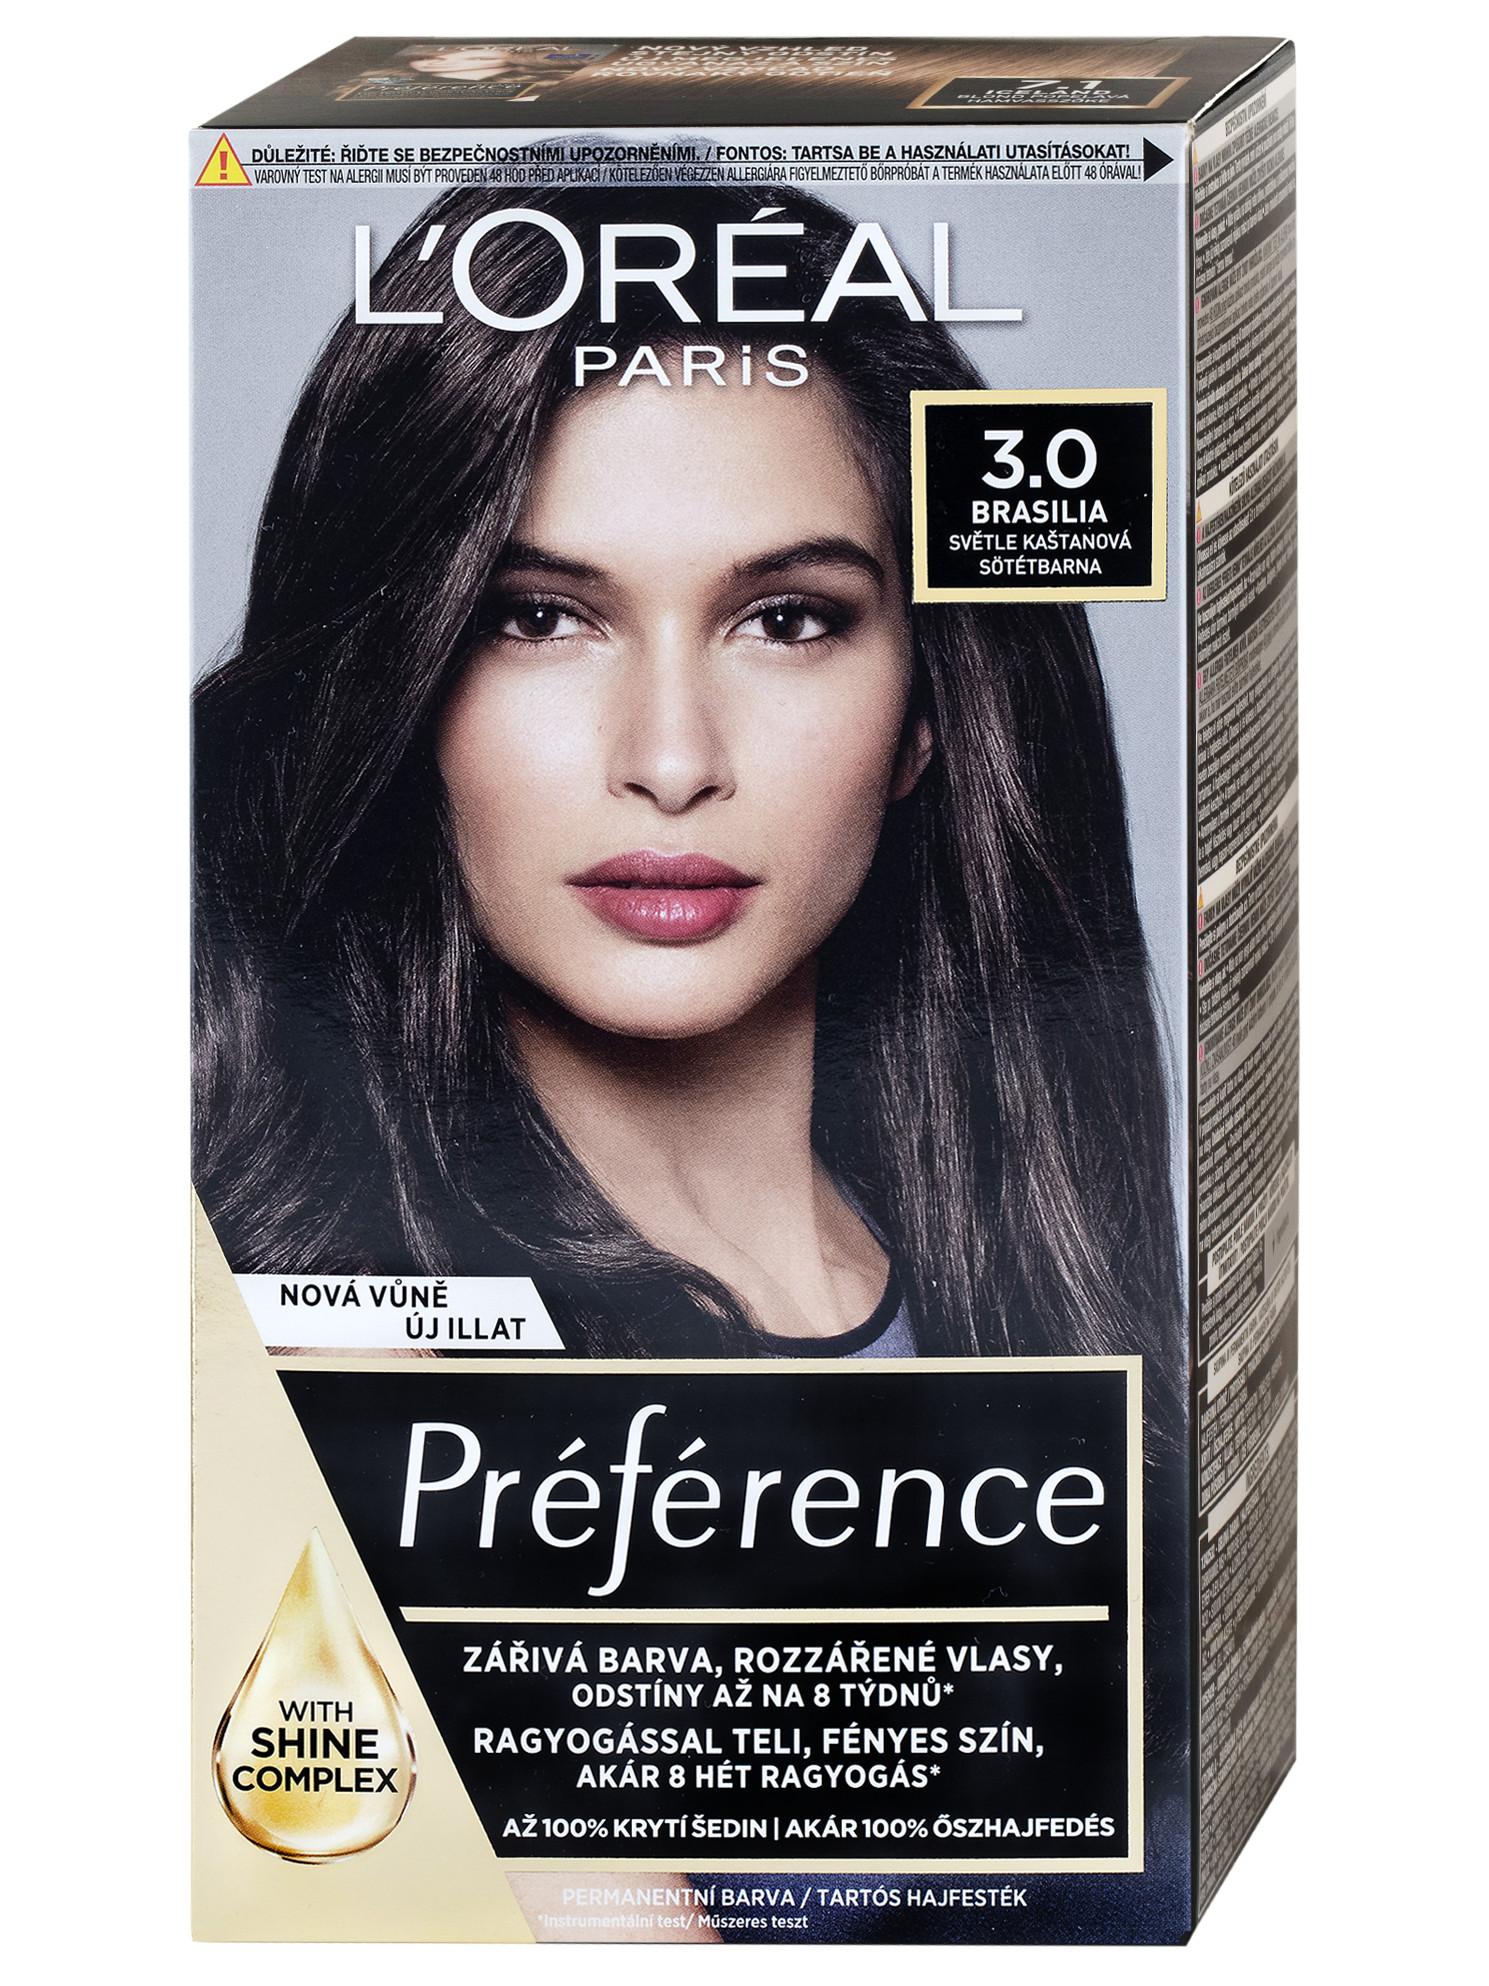 Permanentní barva Loréal Préférence 3.0 světle kaštanová + DÁREK ZDARMA